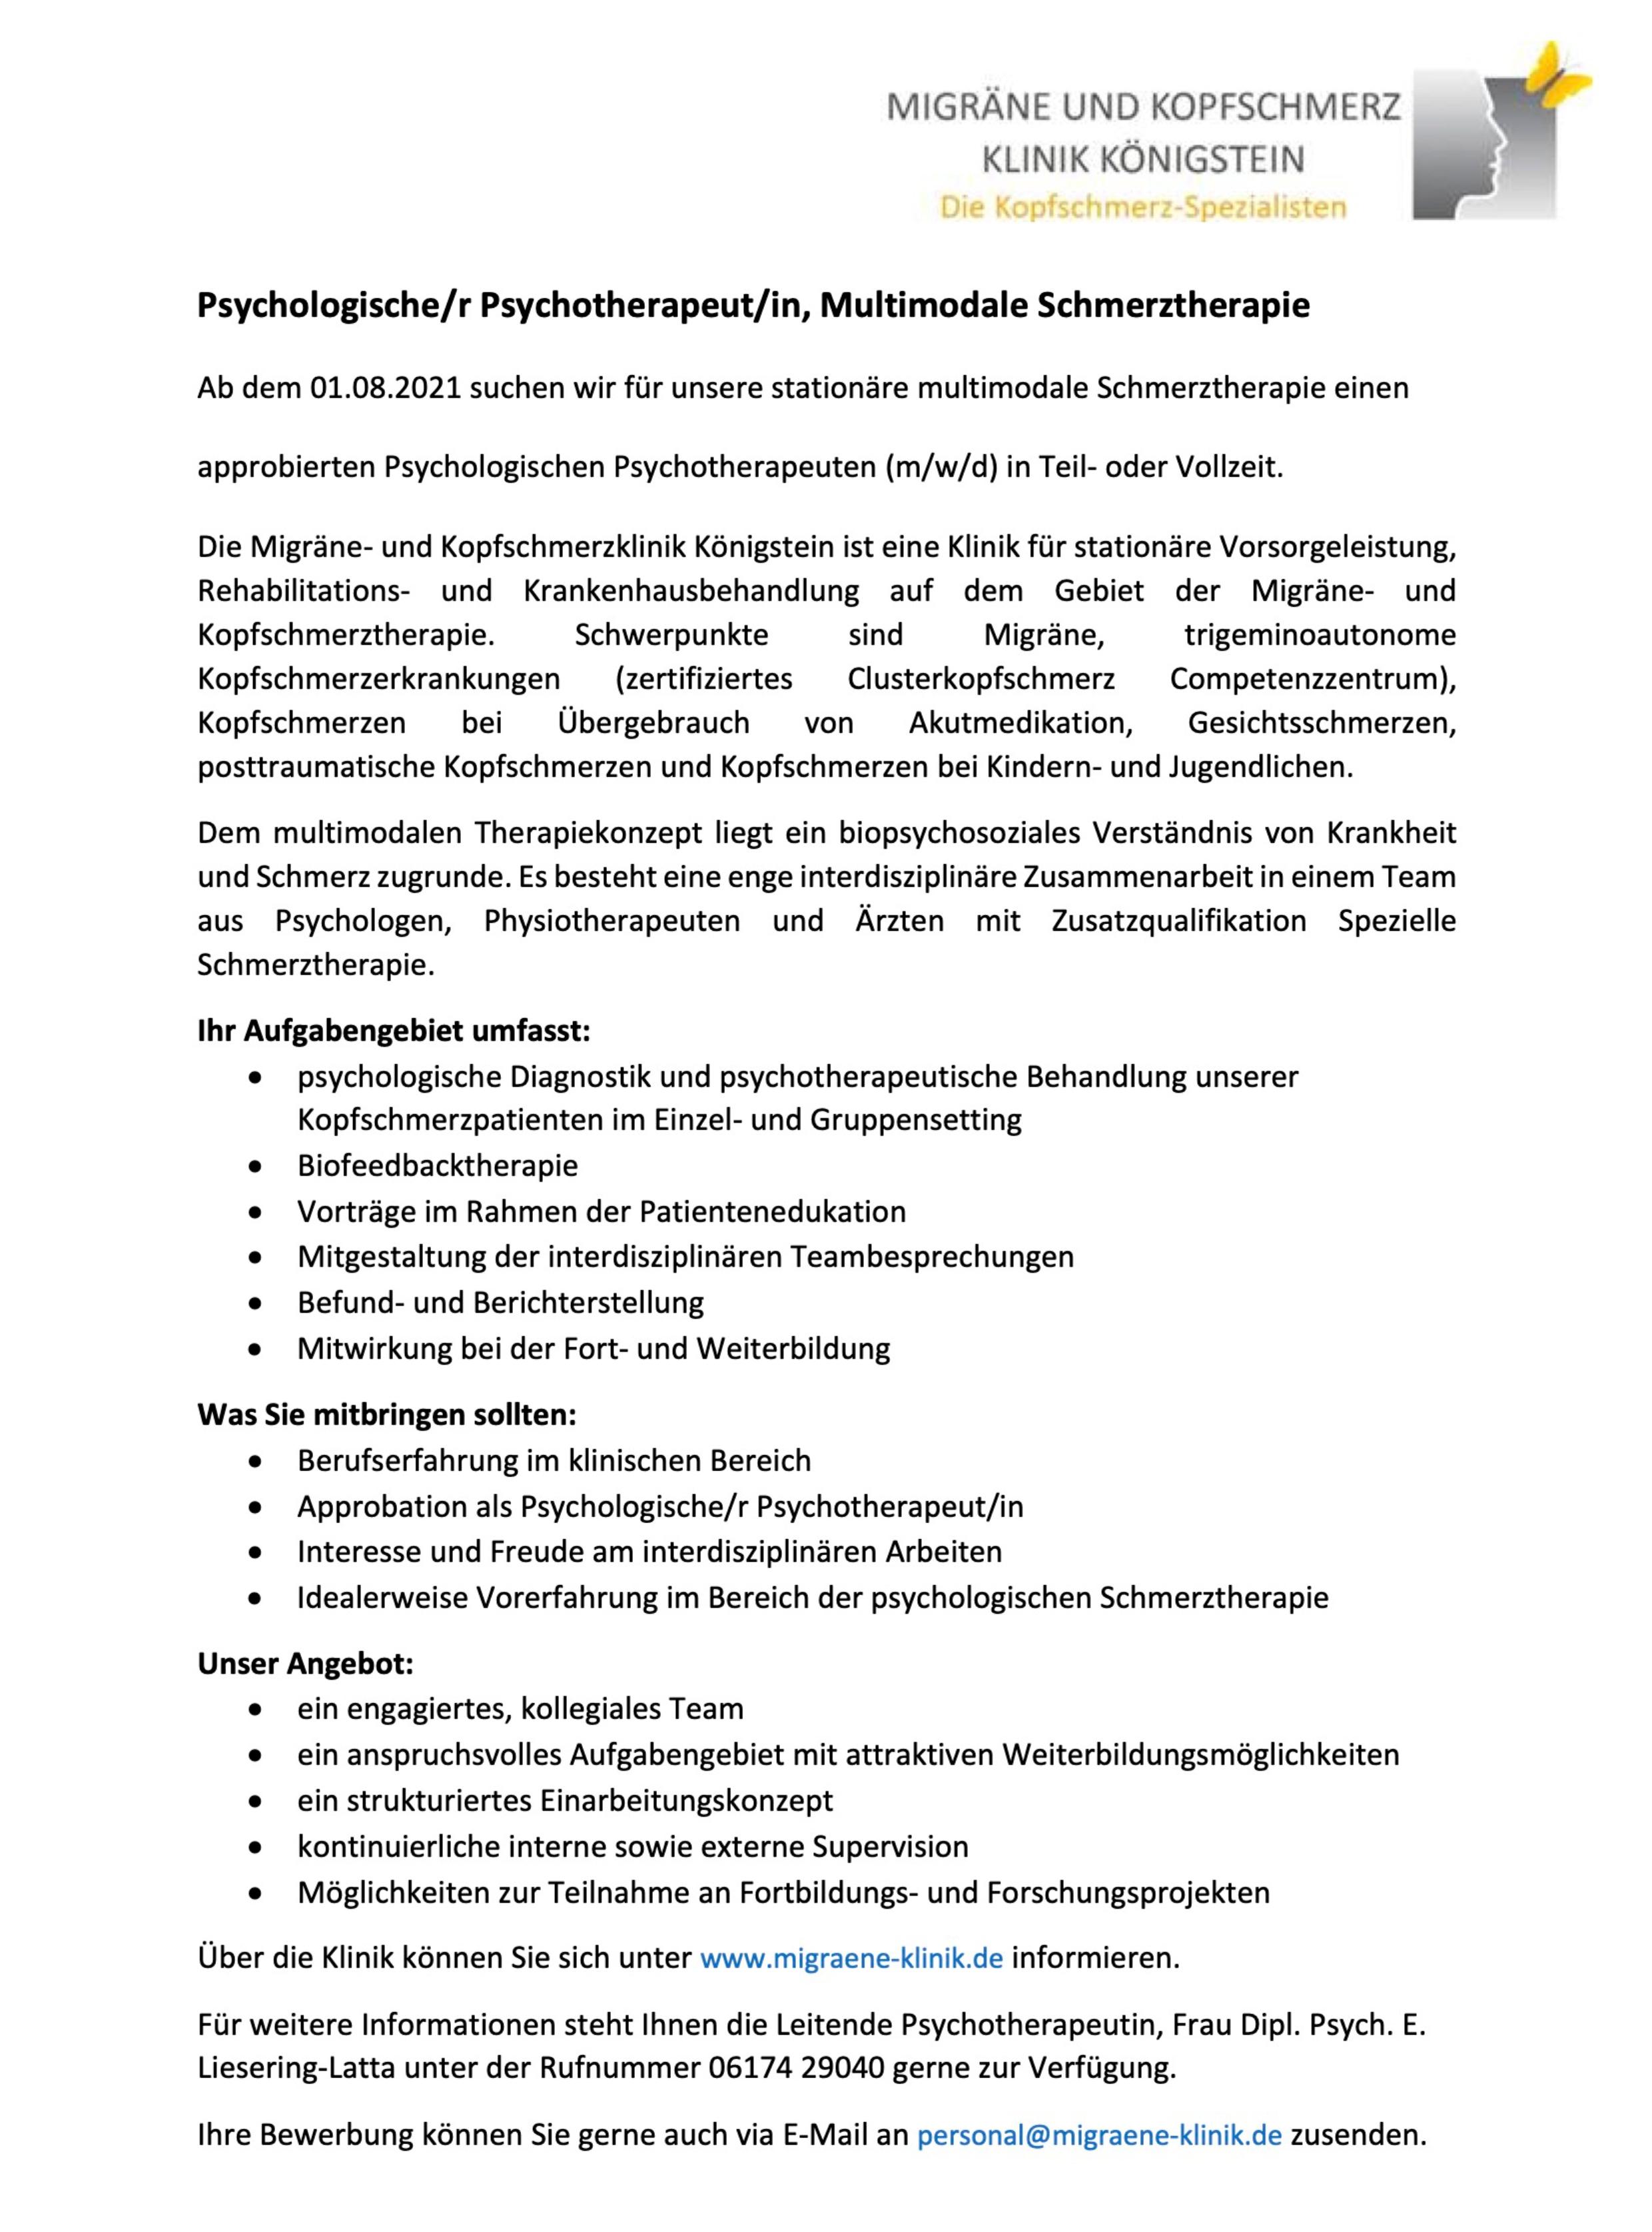 Psychologische/r Psychotherapeut/in (w/m/d), Multimodale Schmerztherapie